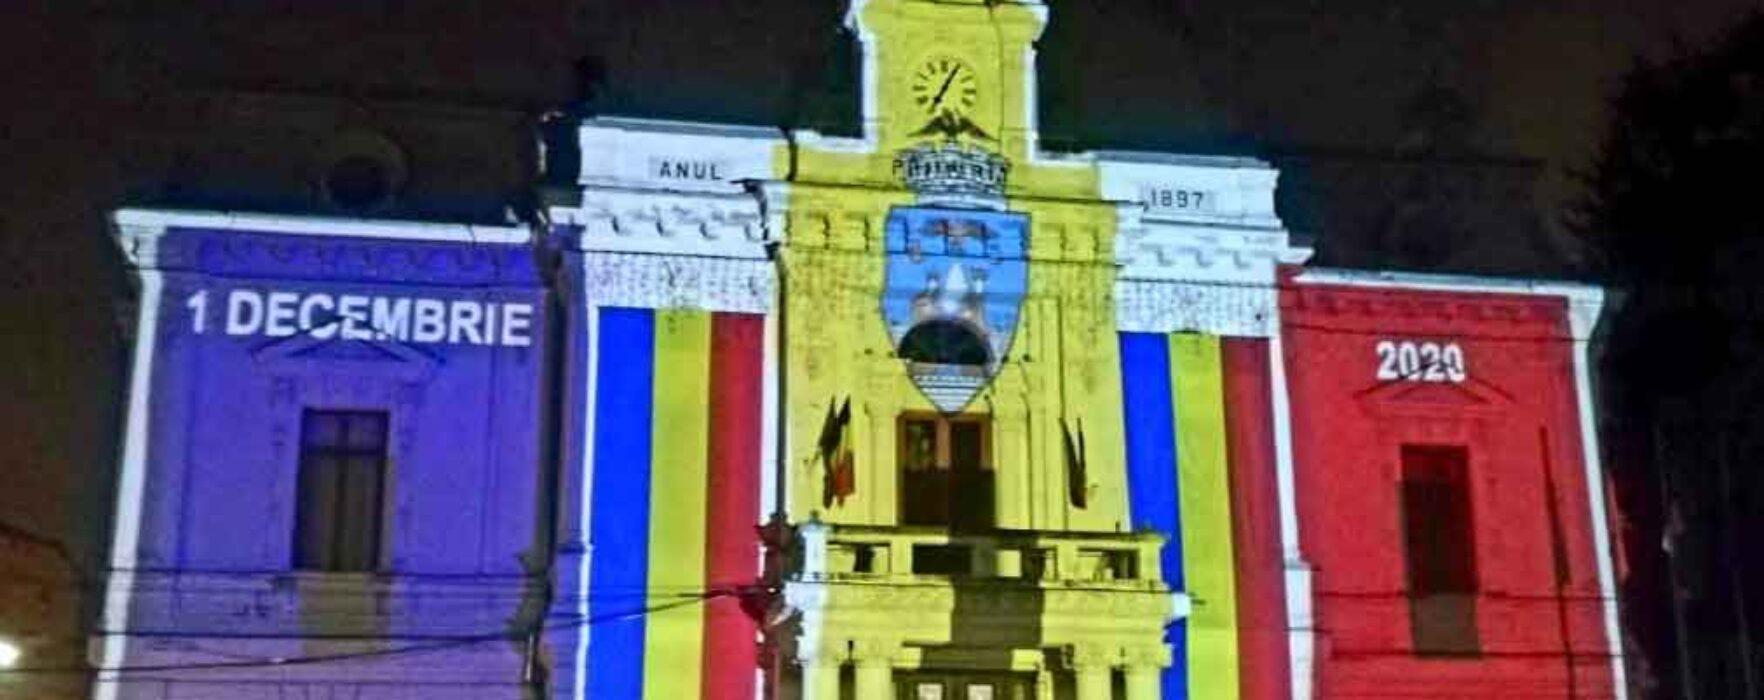 Primăria Târgovişte, luminată în culorile tricolorului de 1 Decembrie